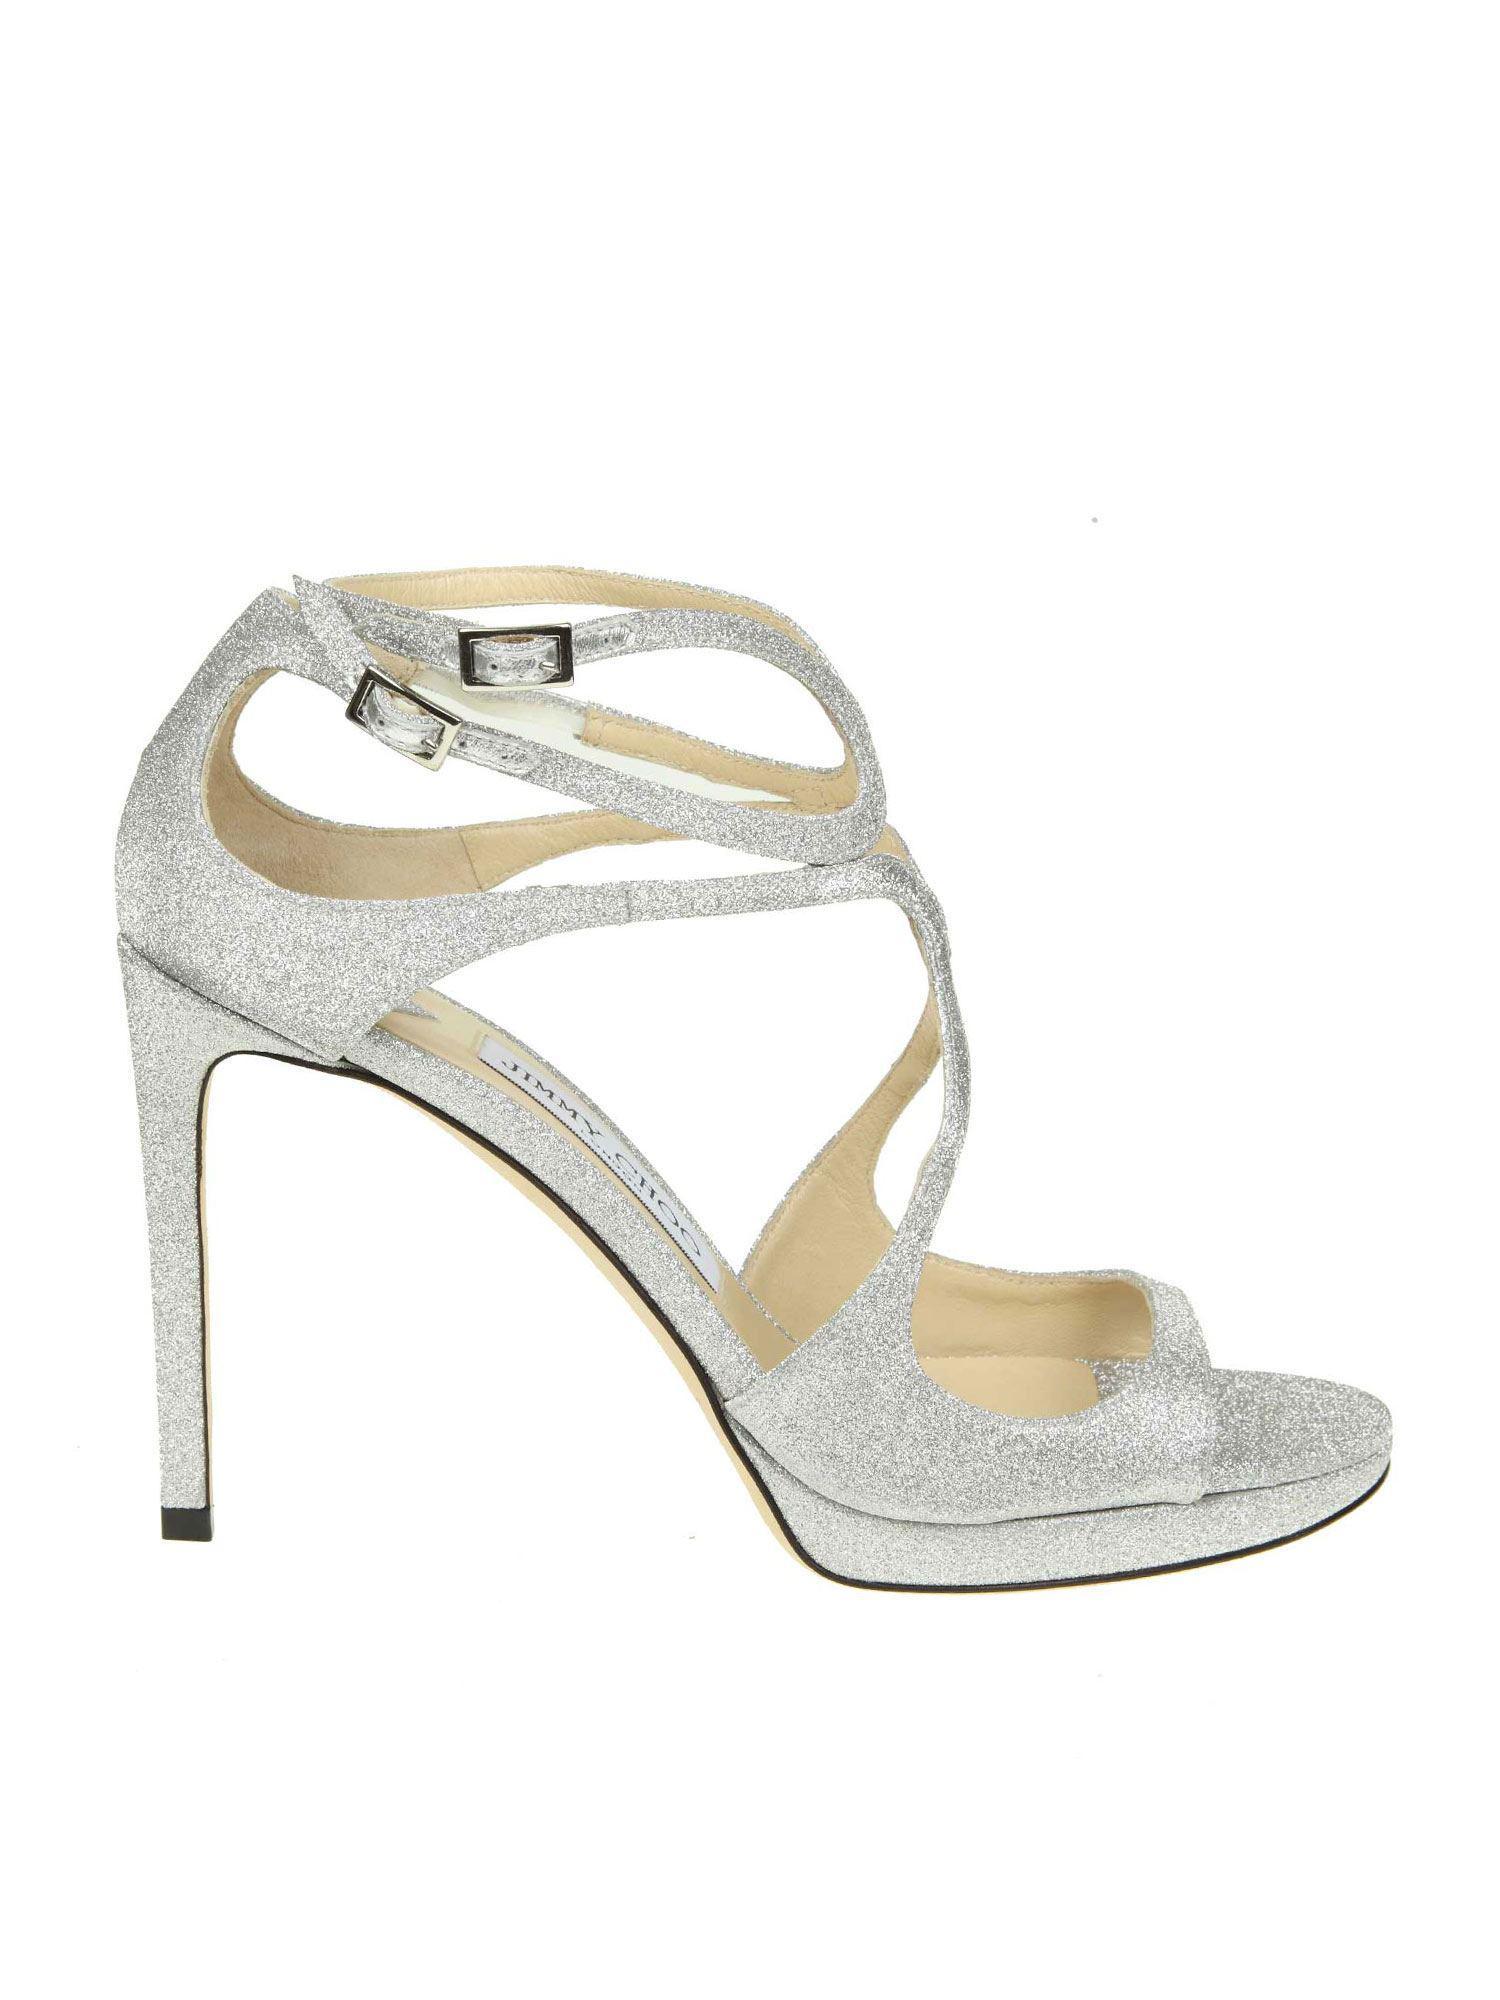 Qrctshd Lance With In Strap Pf Choo Sandals 100 Glitter Jimmy Silver K1JFlc